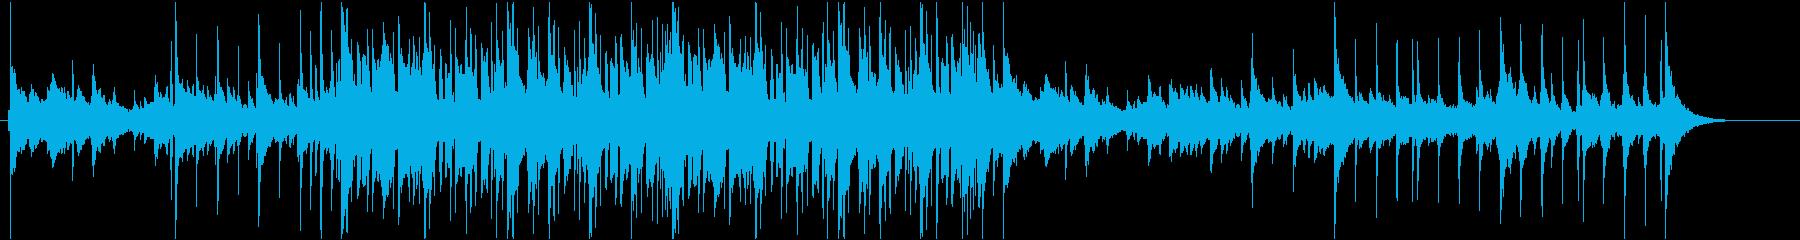 ピアノ主体のジャズの再生済みの波形